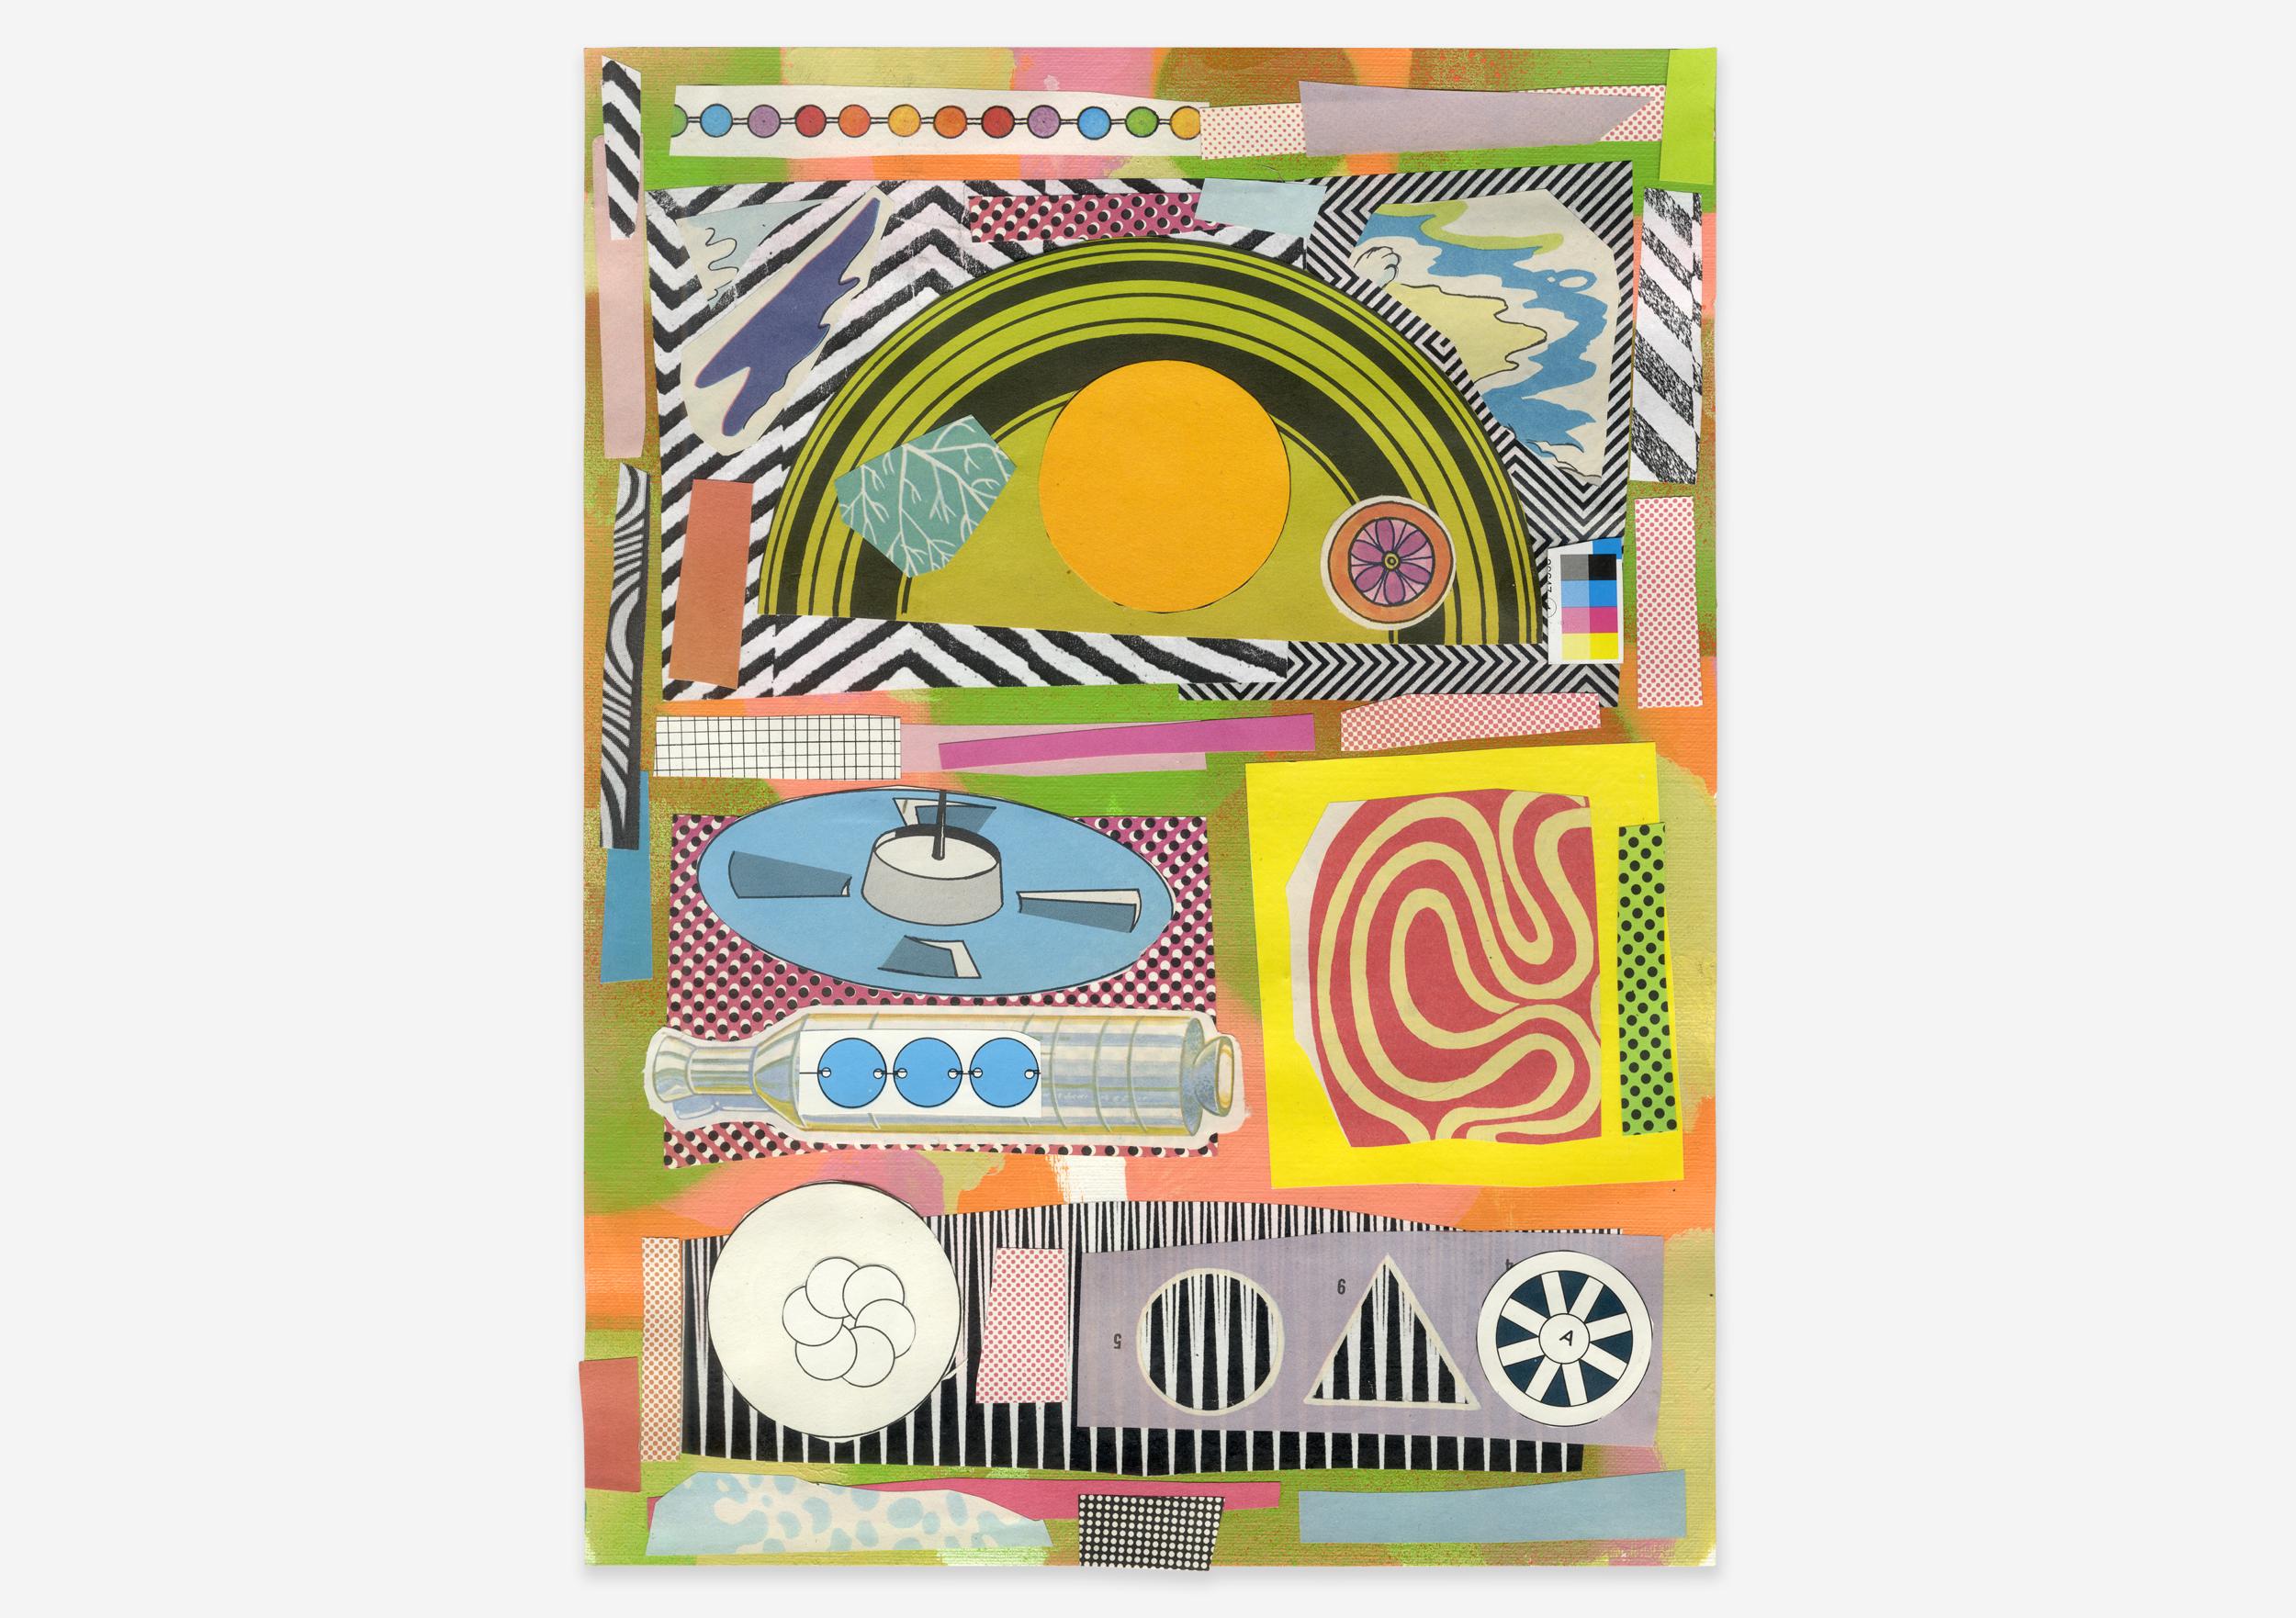 """Mainpulse-Generator, Mixed Media on Paper, 9"""" x 12"""", 2017"""